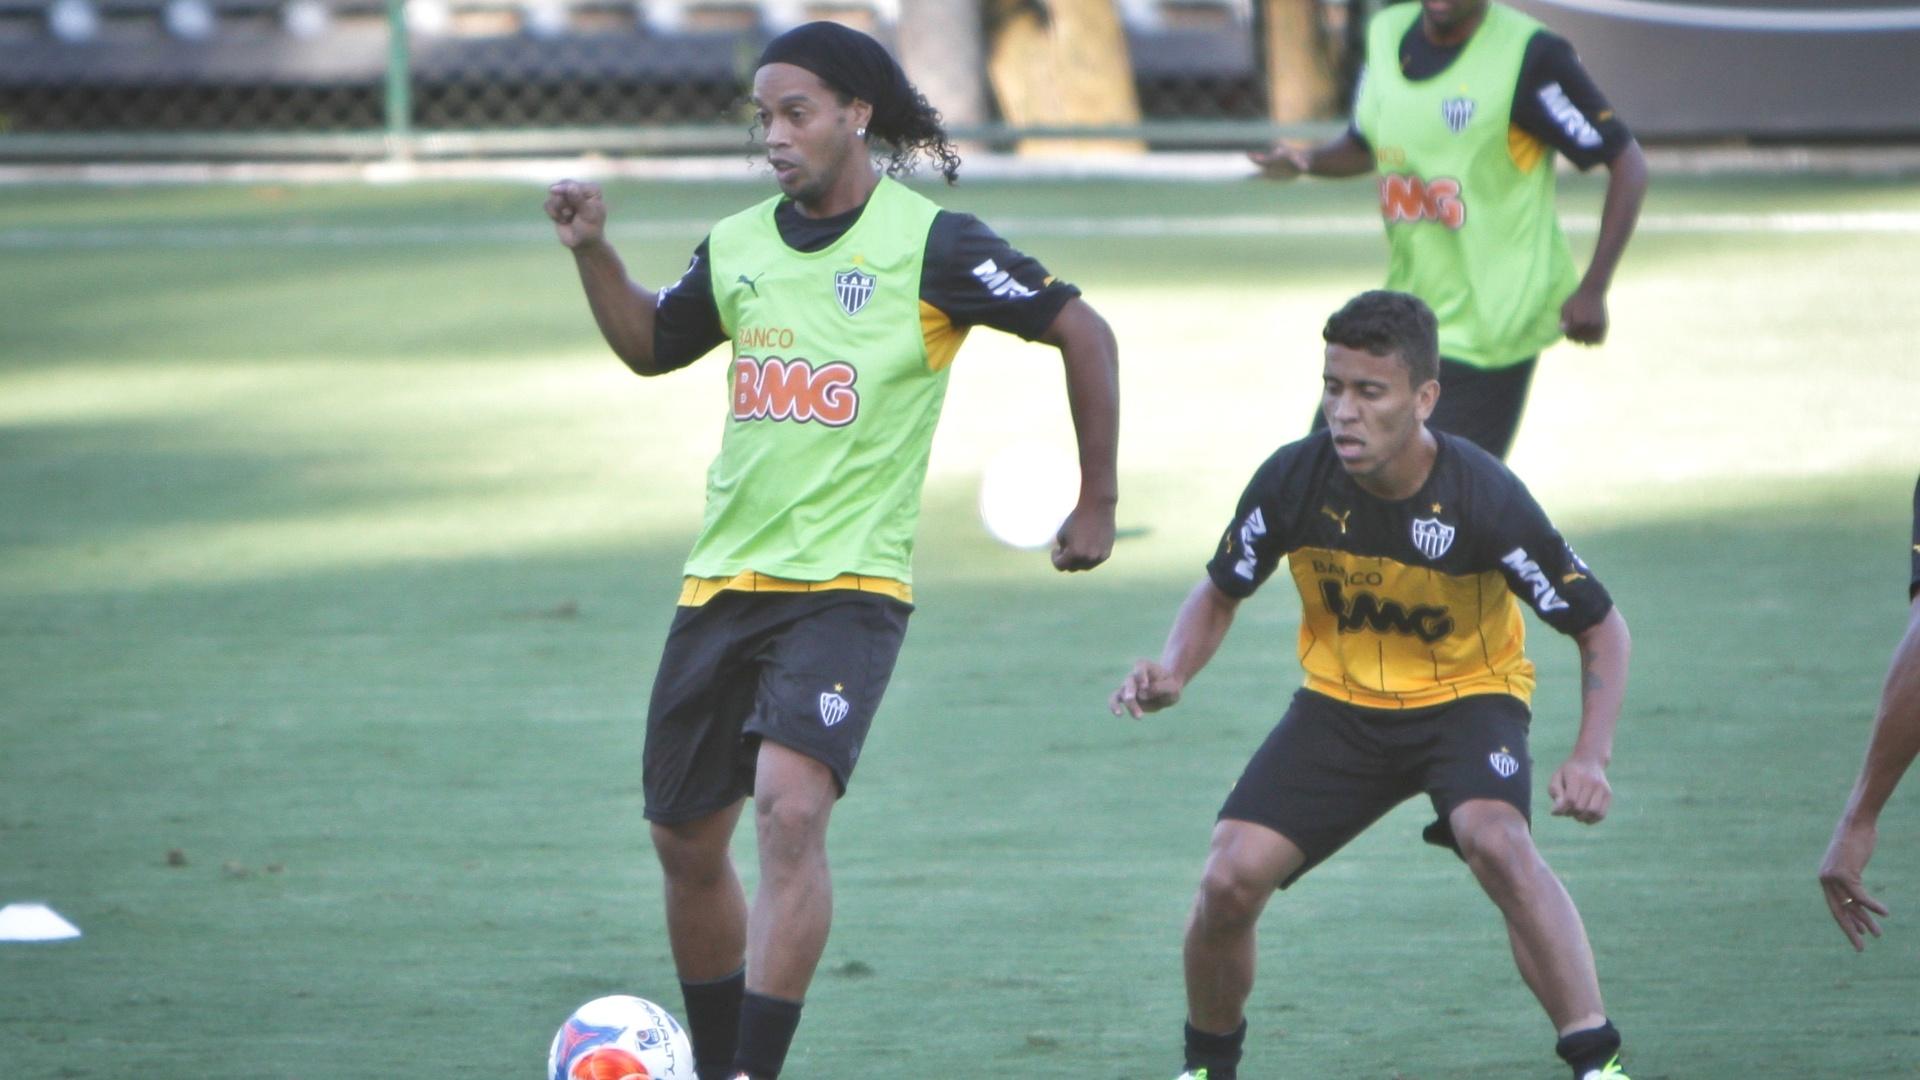 28 mar. 2014 - Ronaldinho Gaúcho participa de treino do Atlético-MG na Cidade do Galo